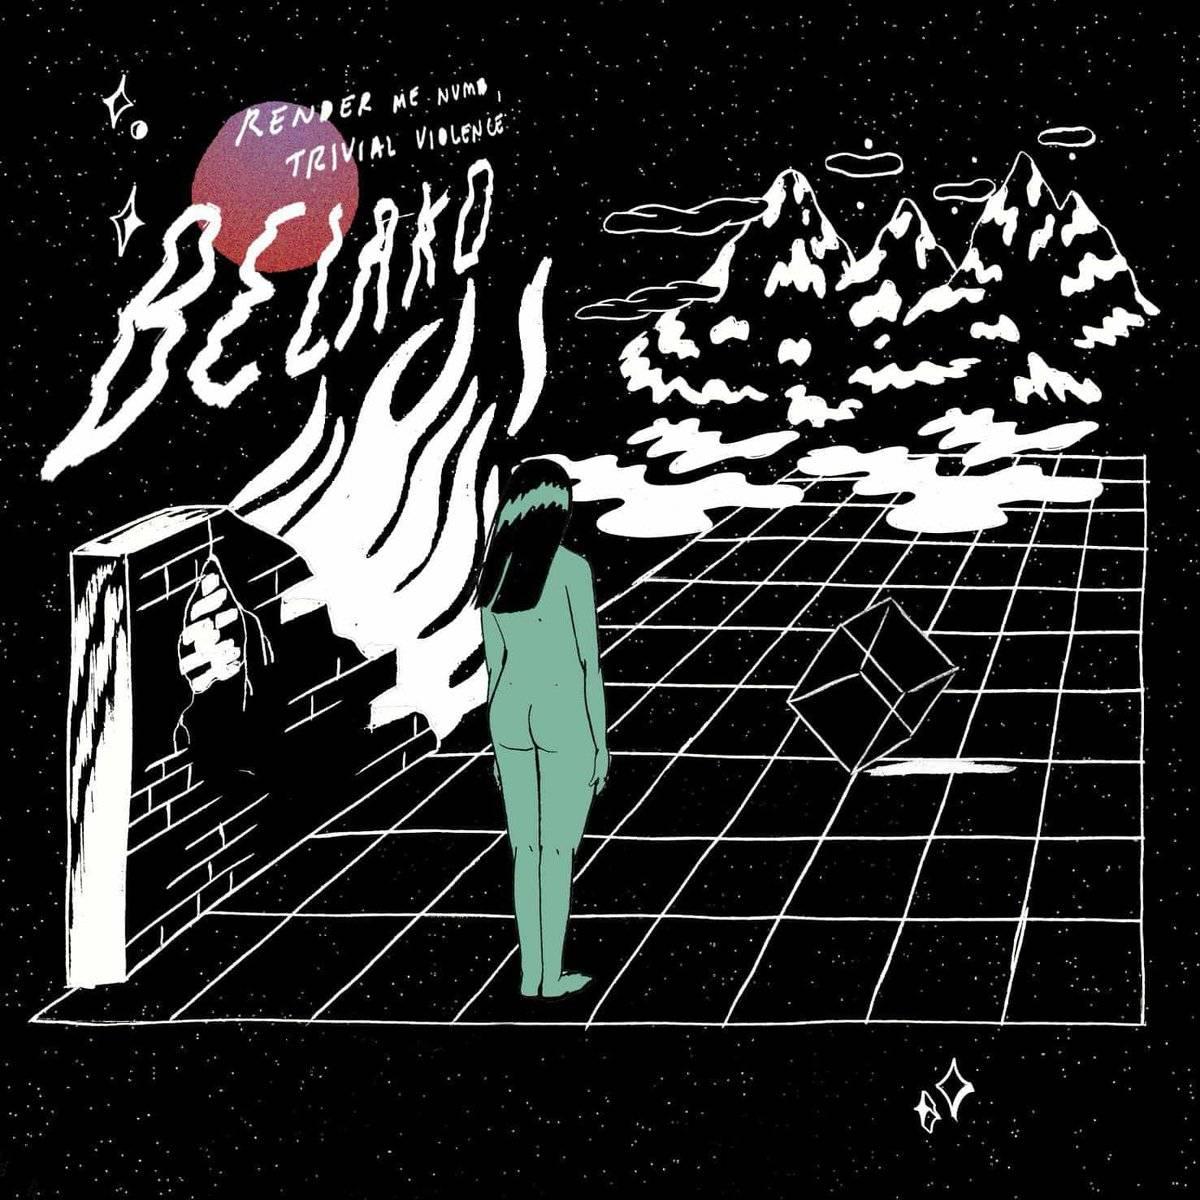 belako nuevo disco render me numb